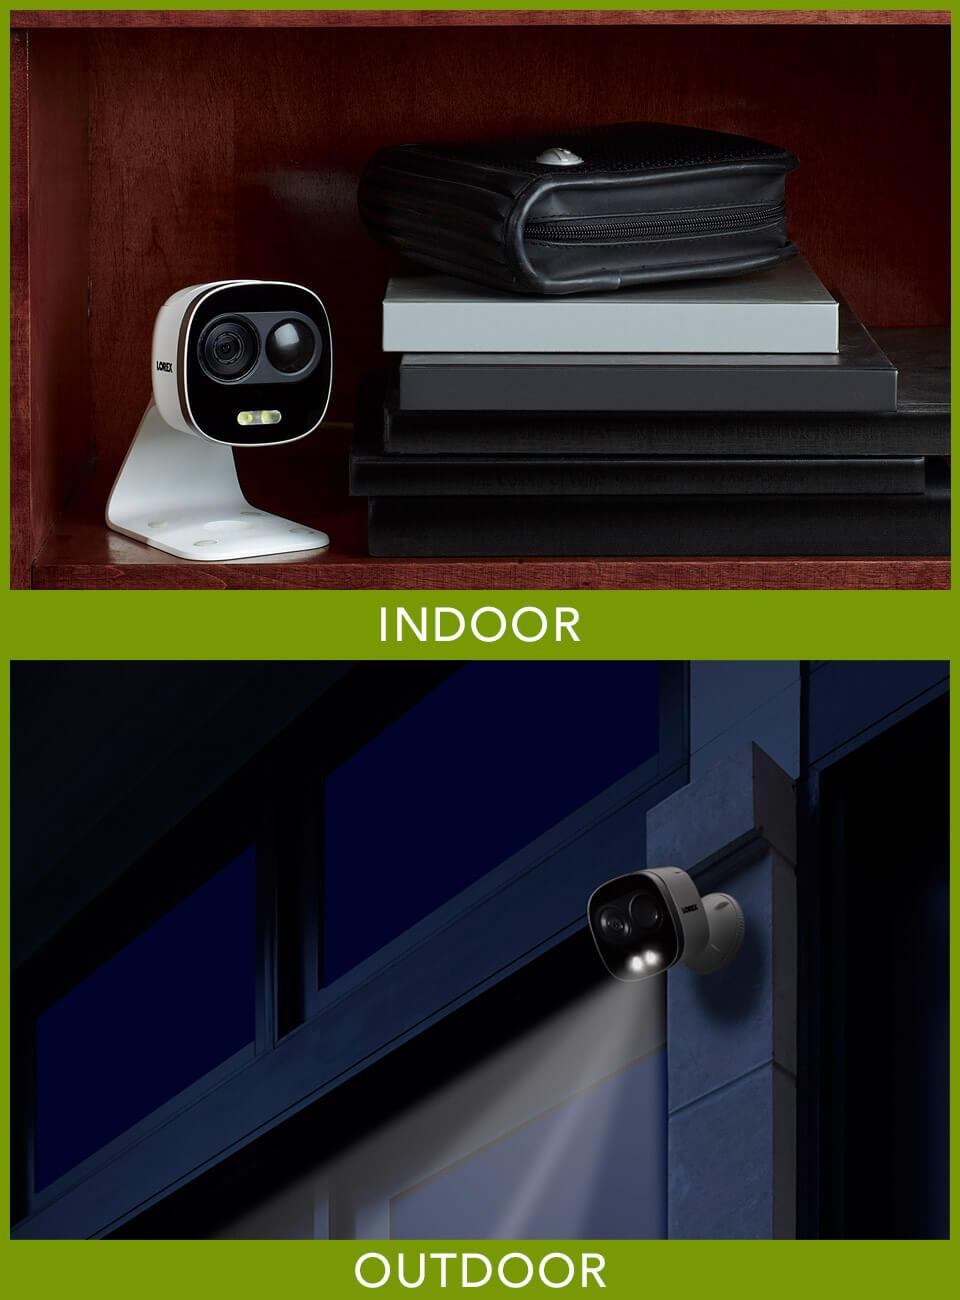 indoor outdoor wifi security camera